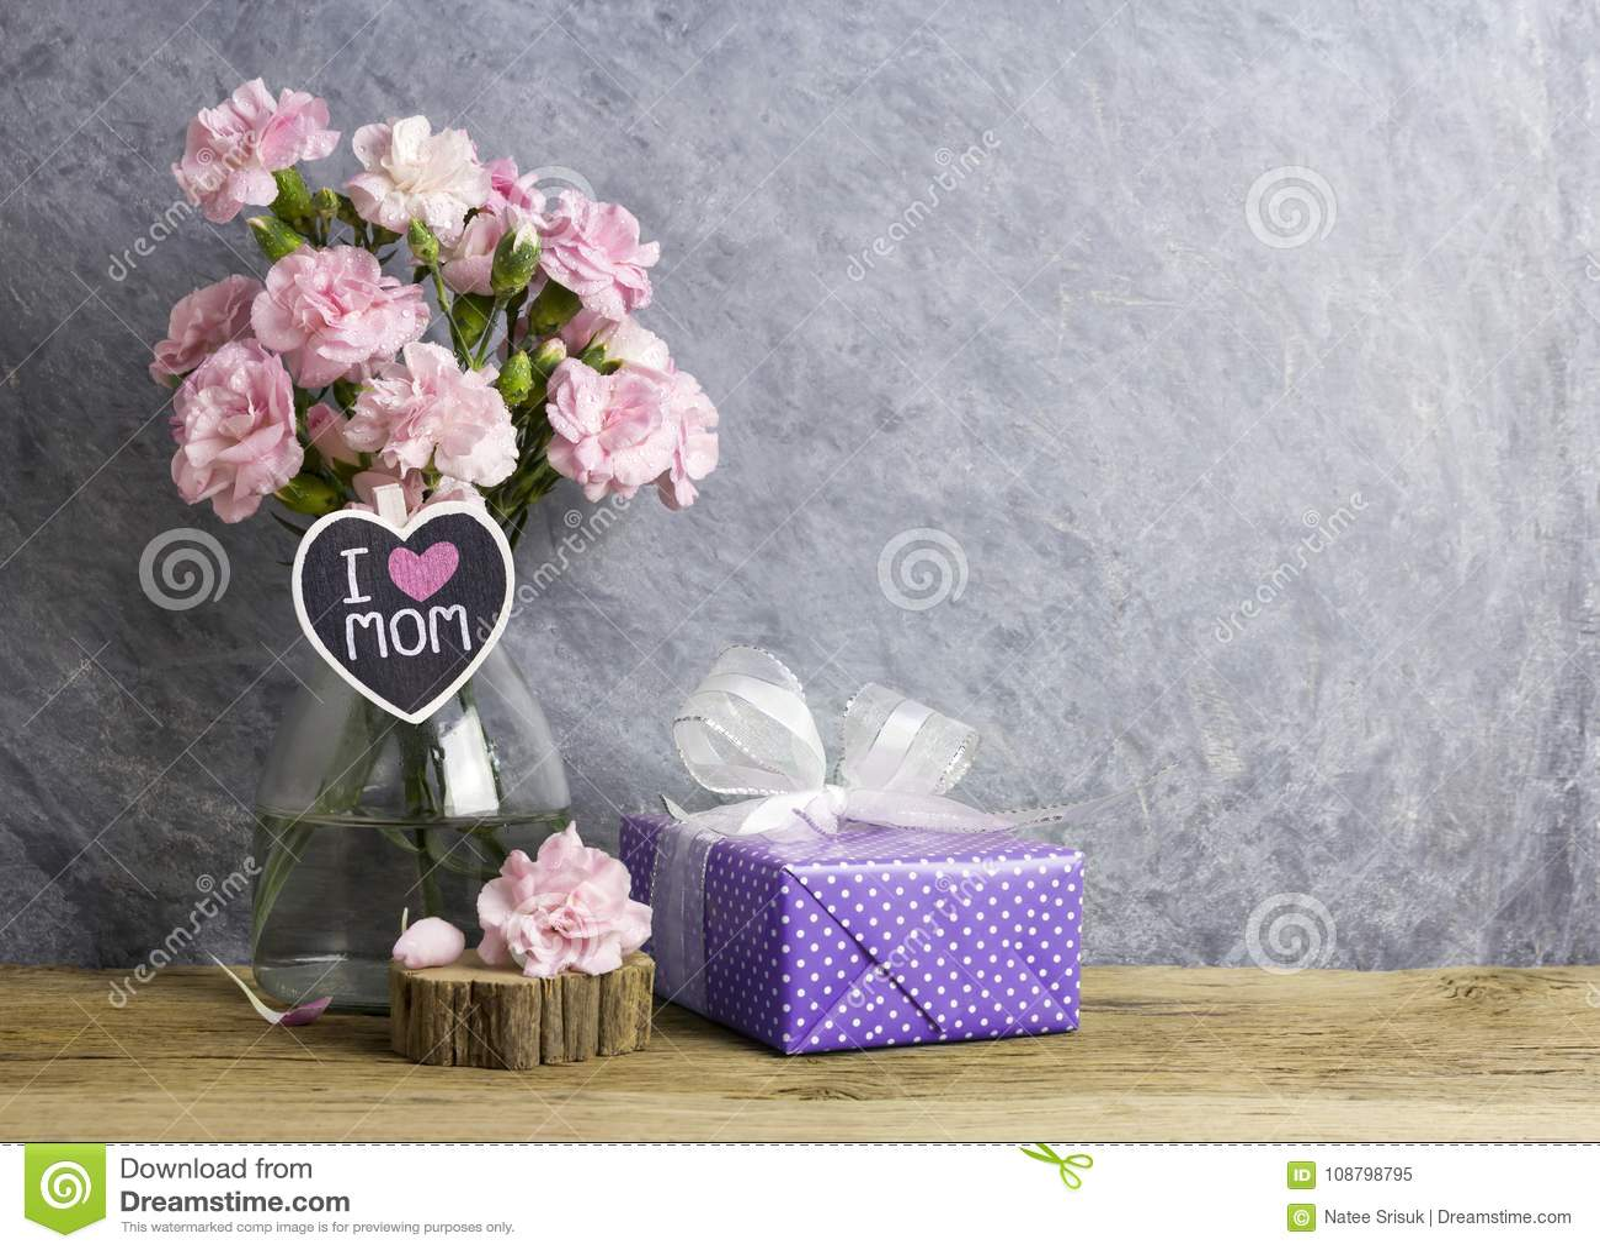 Glückliches Muttertageskonzept der rosa Gartennelke blüht in der Flasche